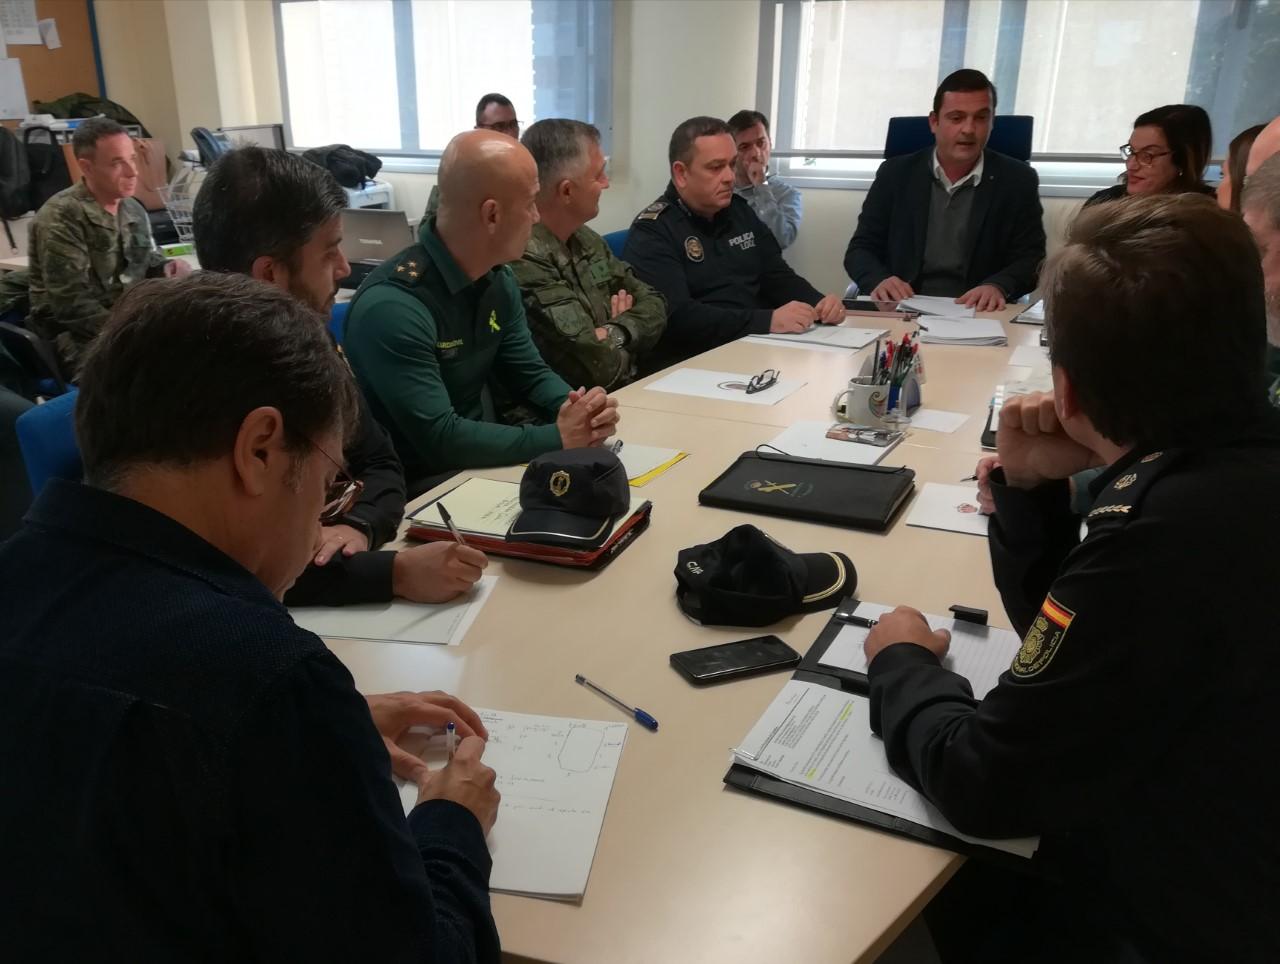 Peníscola; Peníscola convoca la Junta Local de Seguretat per coordinar el dispositiu especial amb motiu de la celebració de la Jura de Bandera